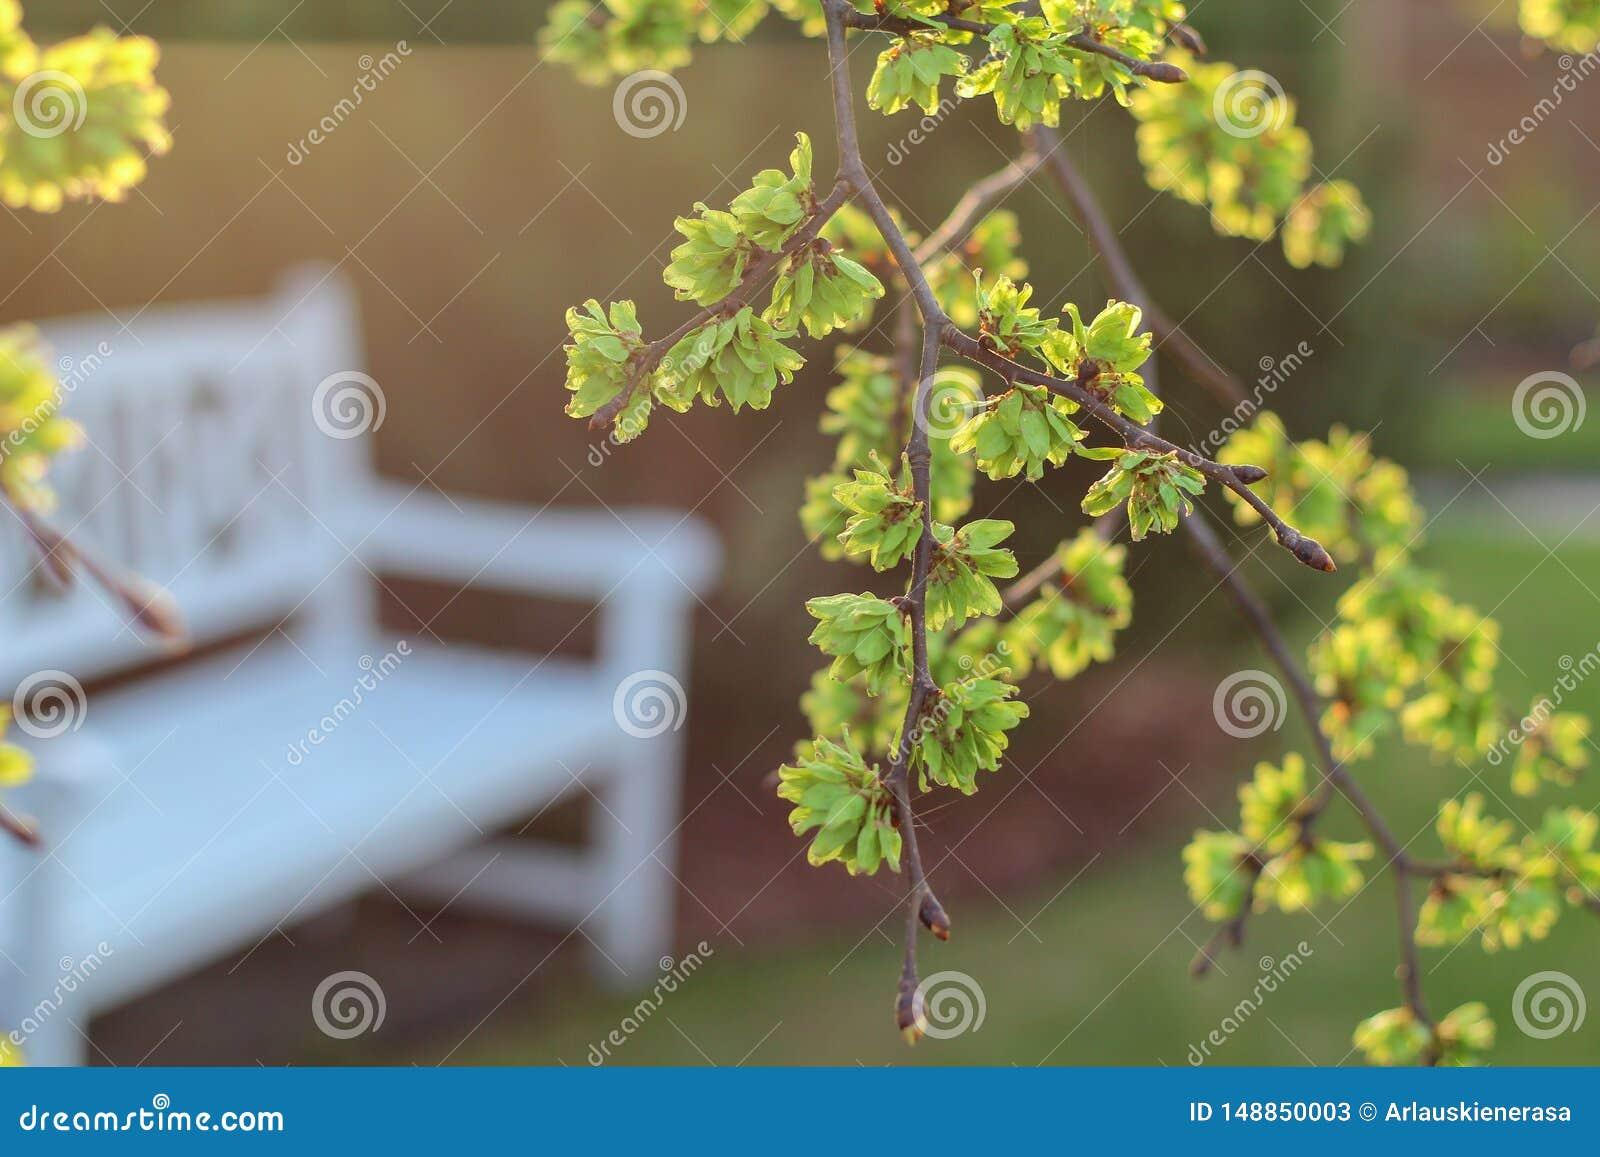 Opinião da mola em um jardim com um banco branco sob uma árvore de olmo de florescência